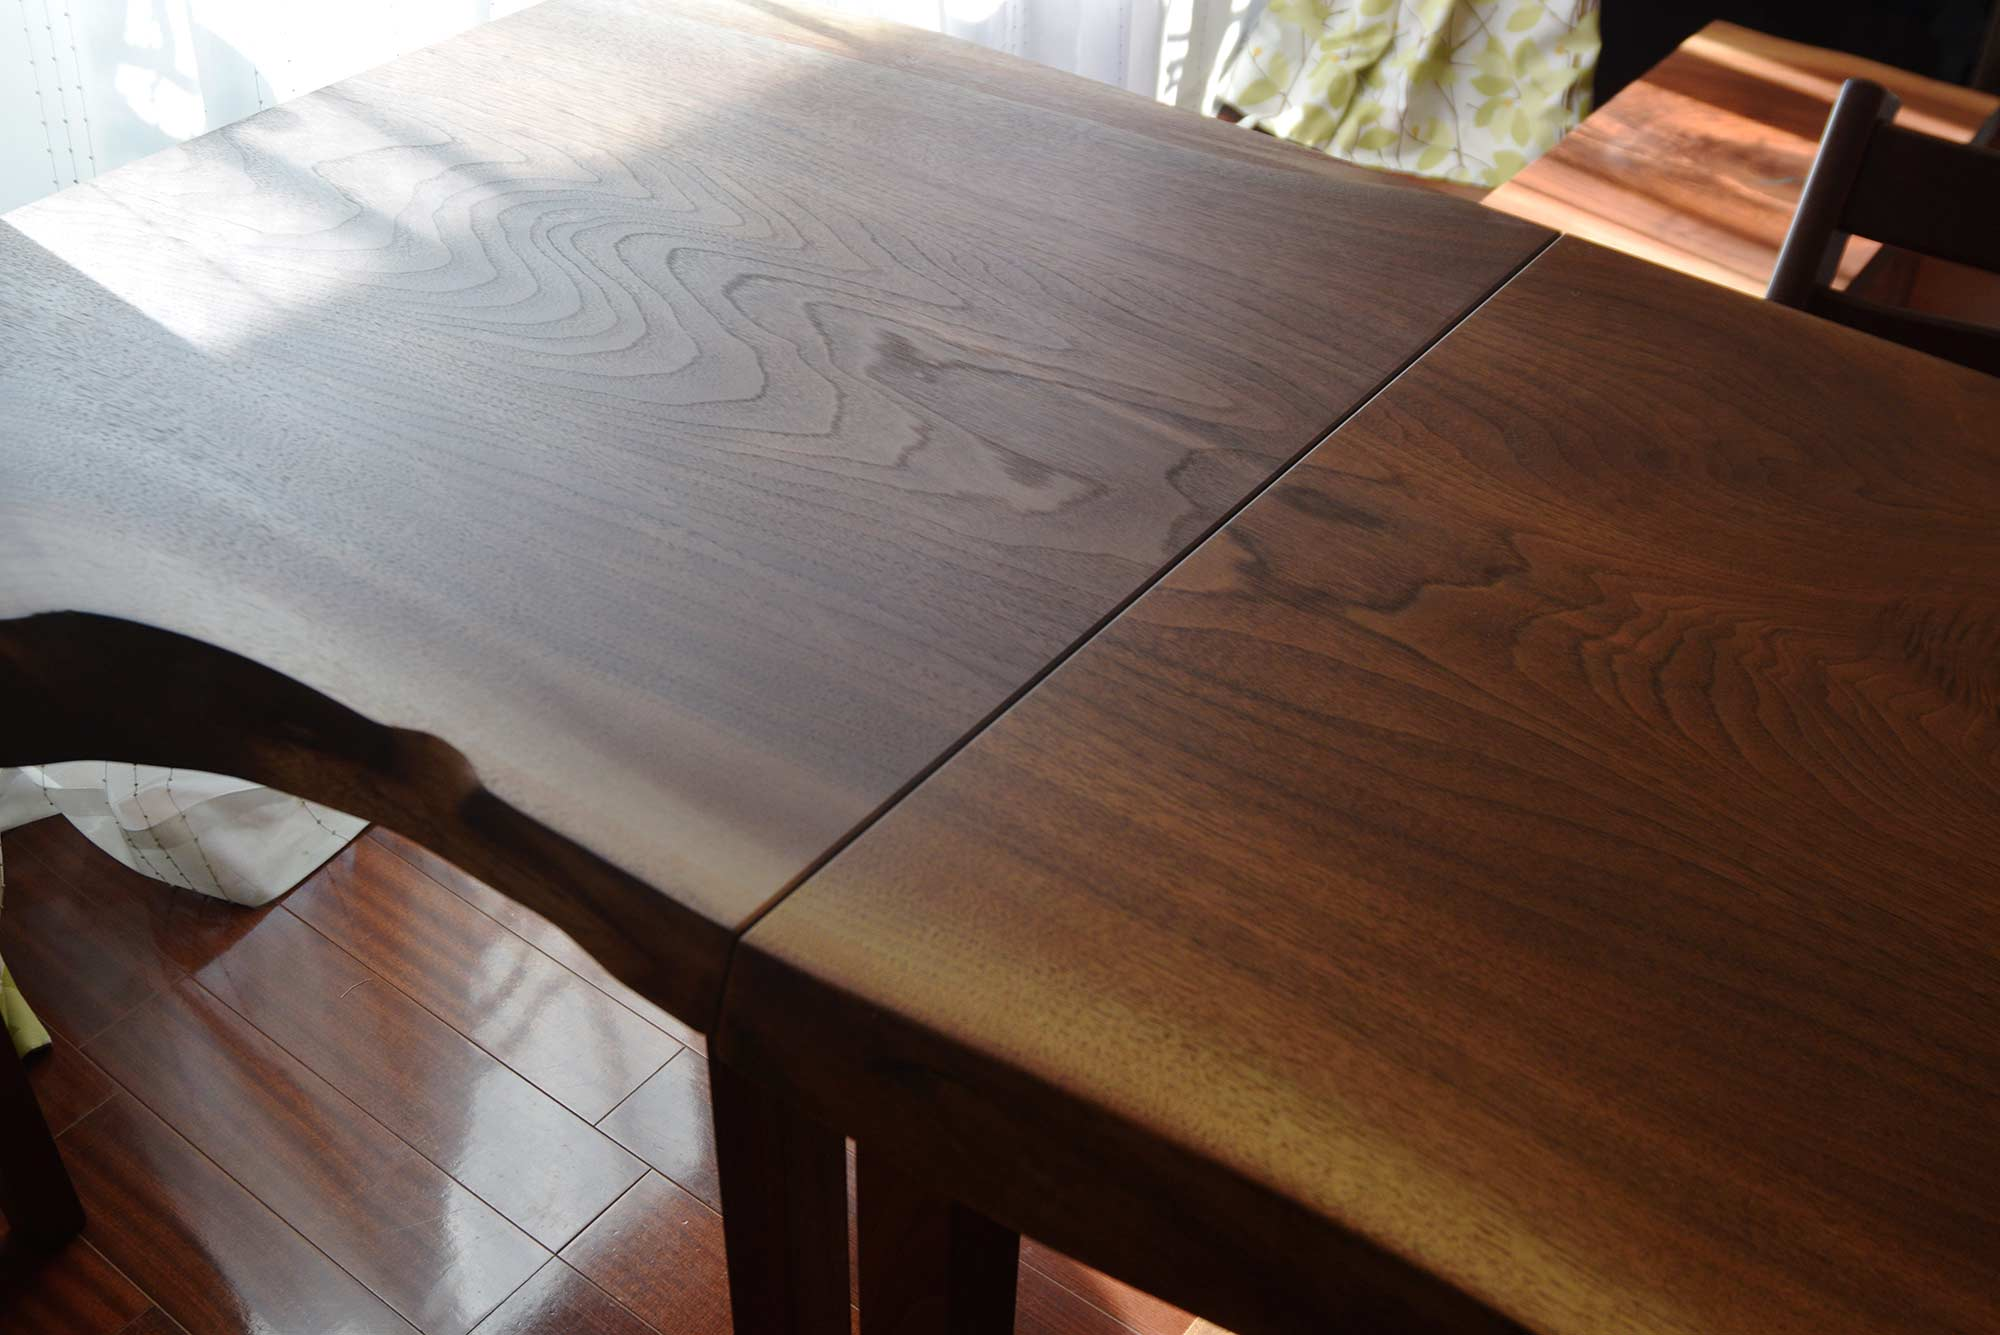 アメリカンブラックウォールナット天板テーブルをご納品した様子です